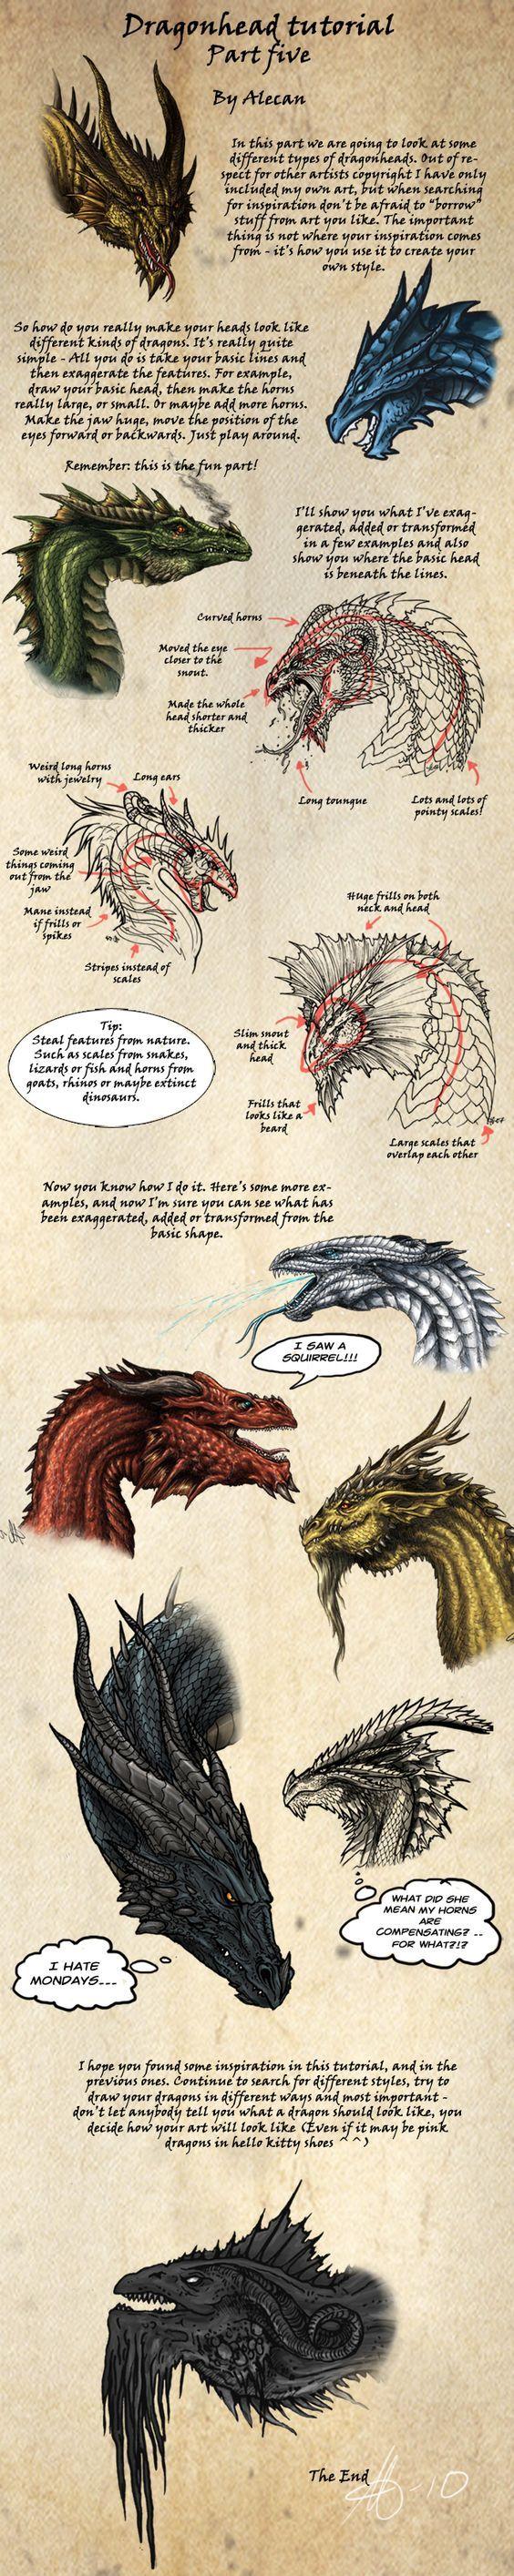 Dragonhead Tutorial part 5 by *alecan on deviantART repinned by www.BlickeDeeler.de: